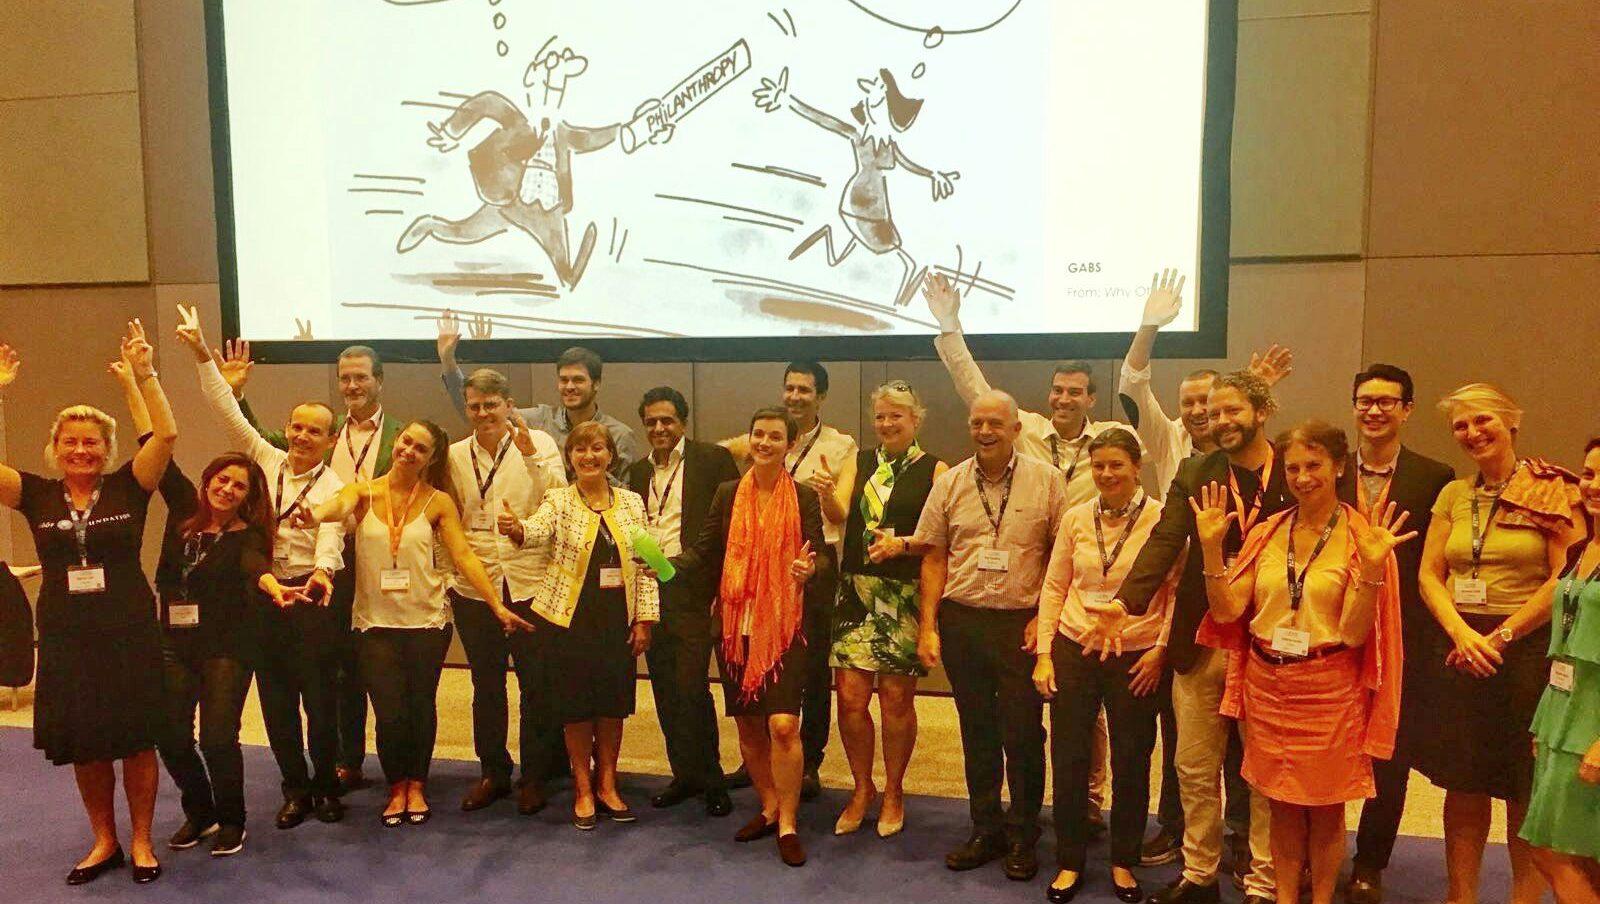 Uluslararası FBN 28. Dünya Zirvesi İspanya'da gerçekleşti